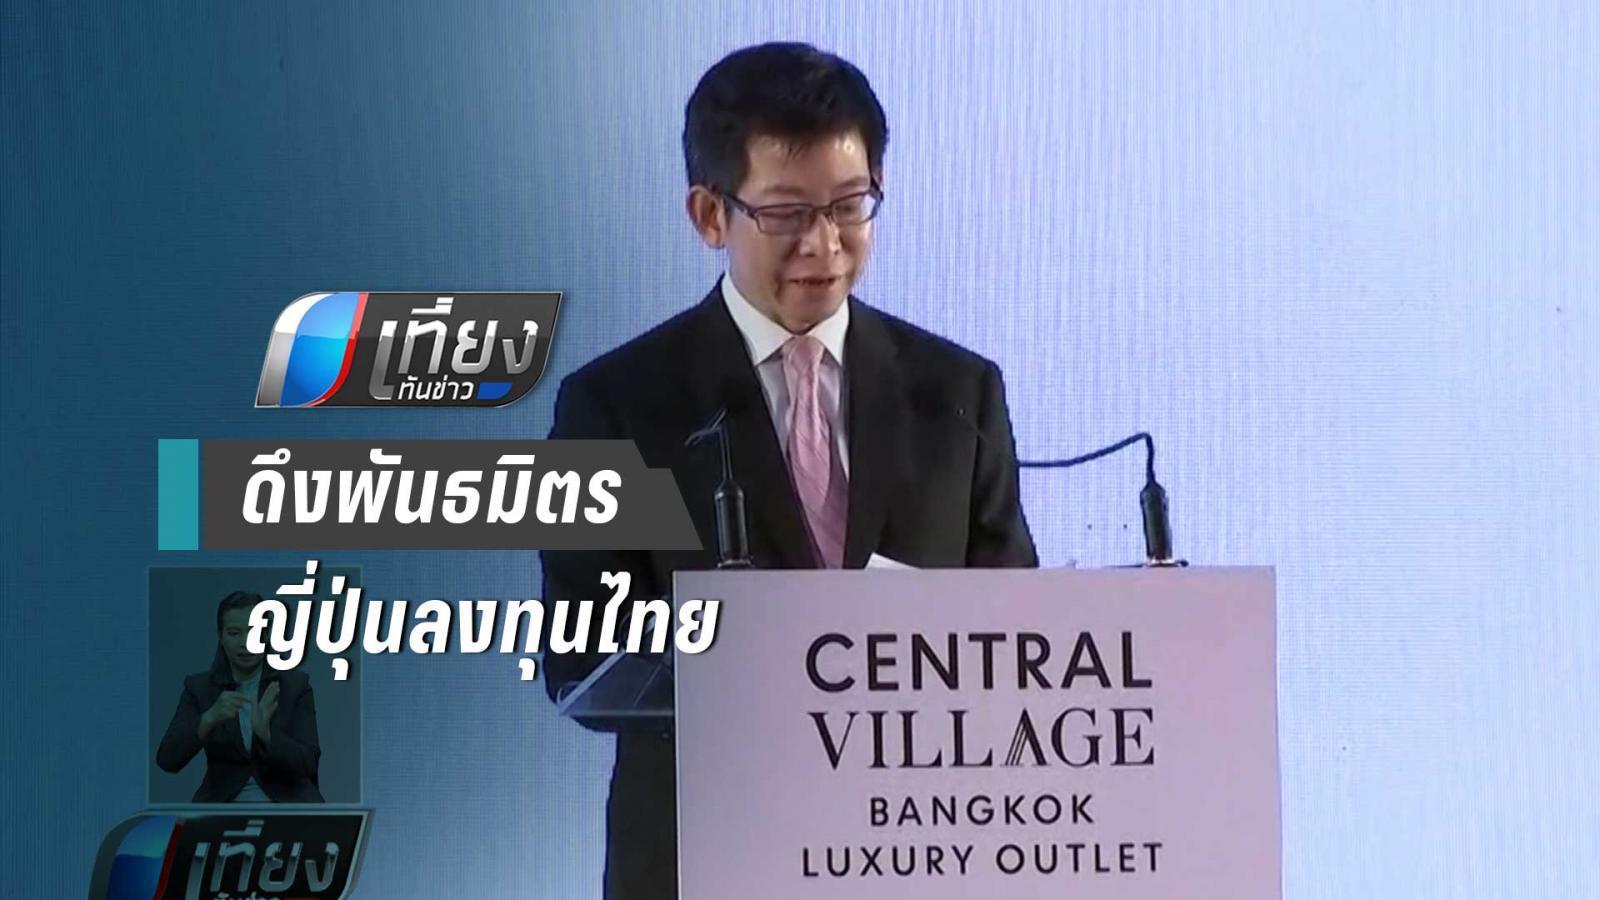 CPN ดึงพันธมิตรญี่ปุ่นลงทุนไทยกว่า 1,000 ล้าน